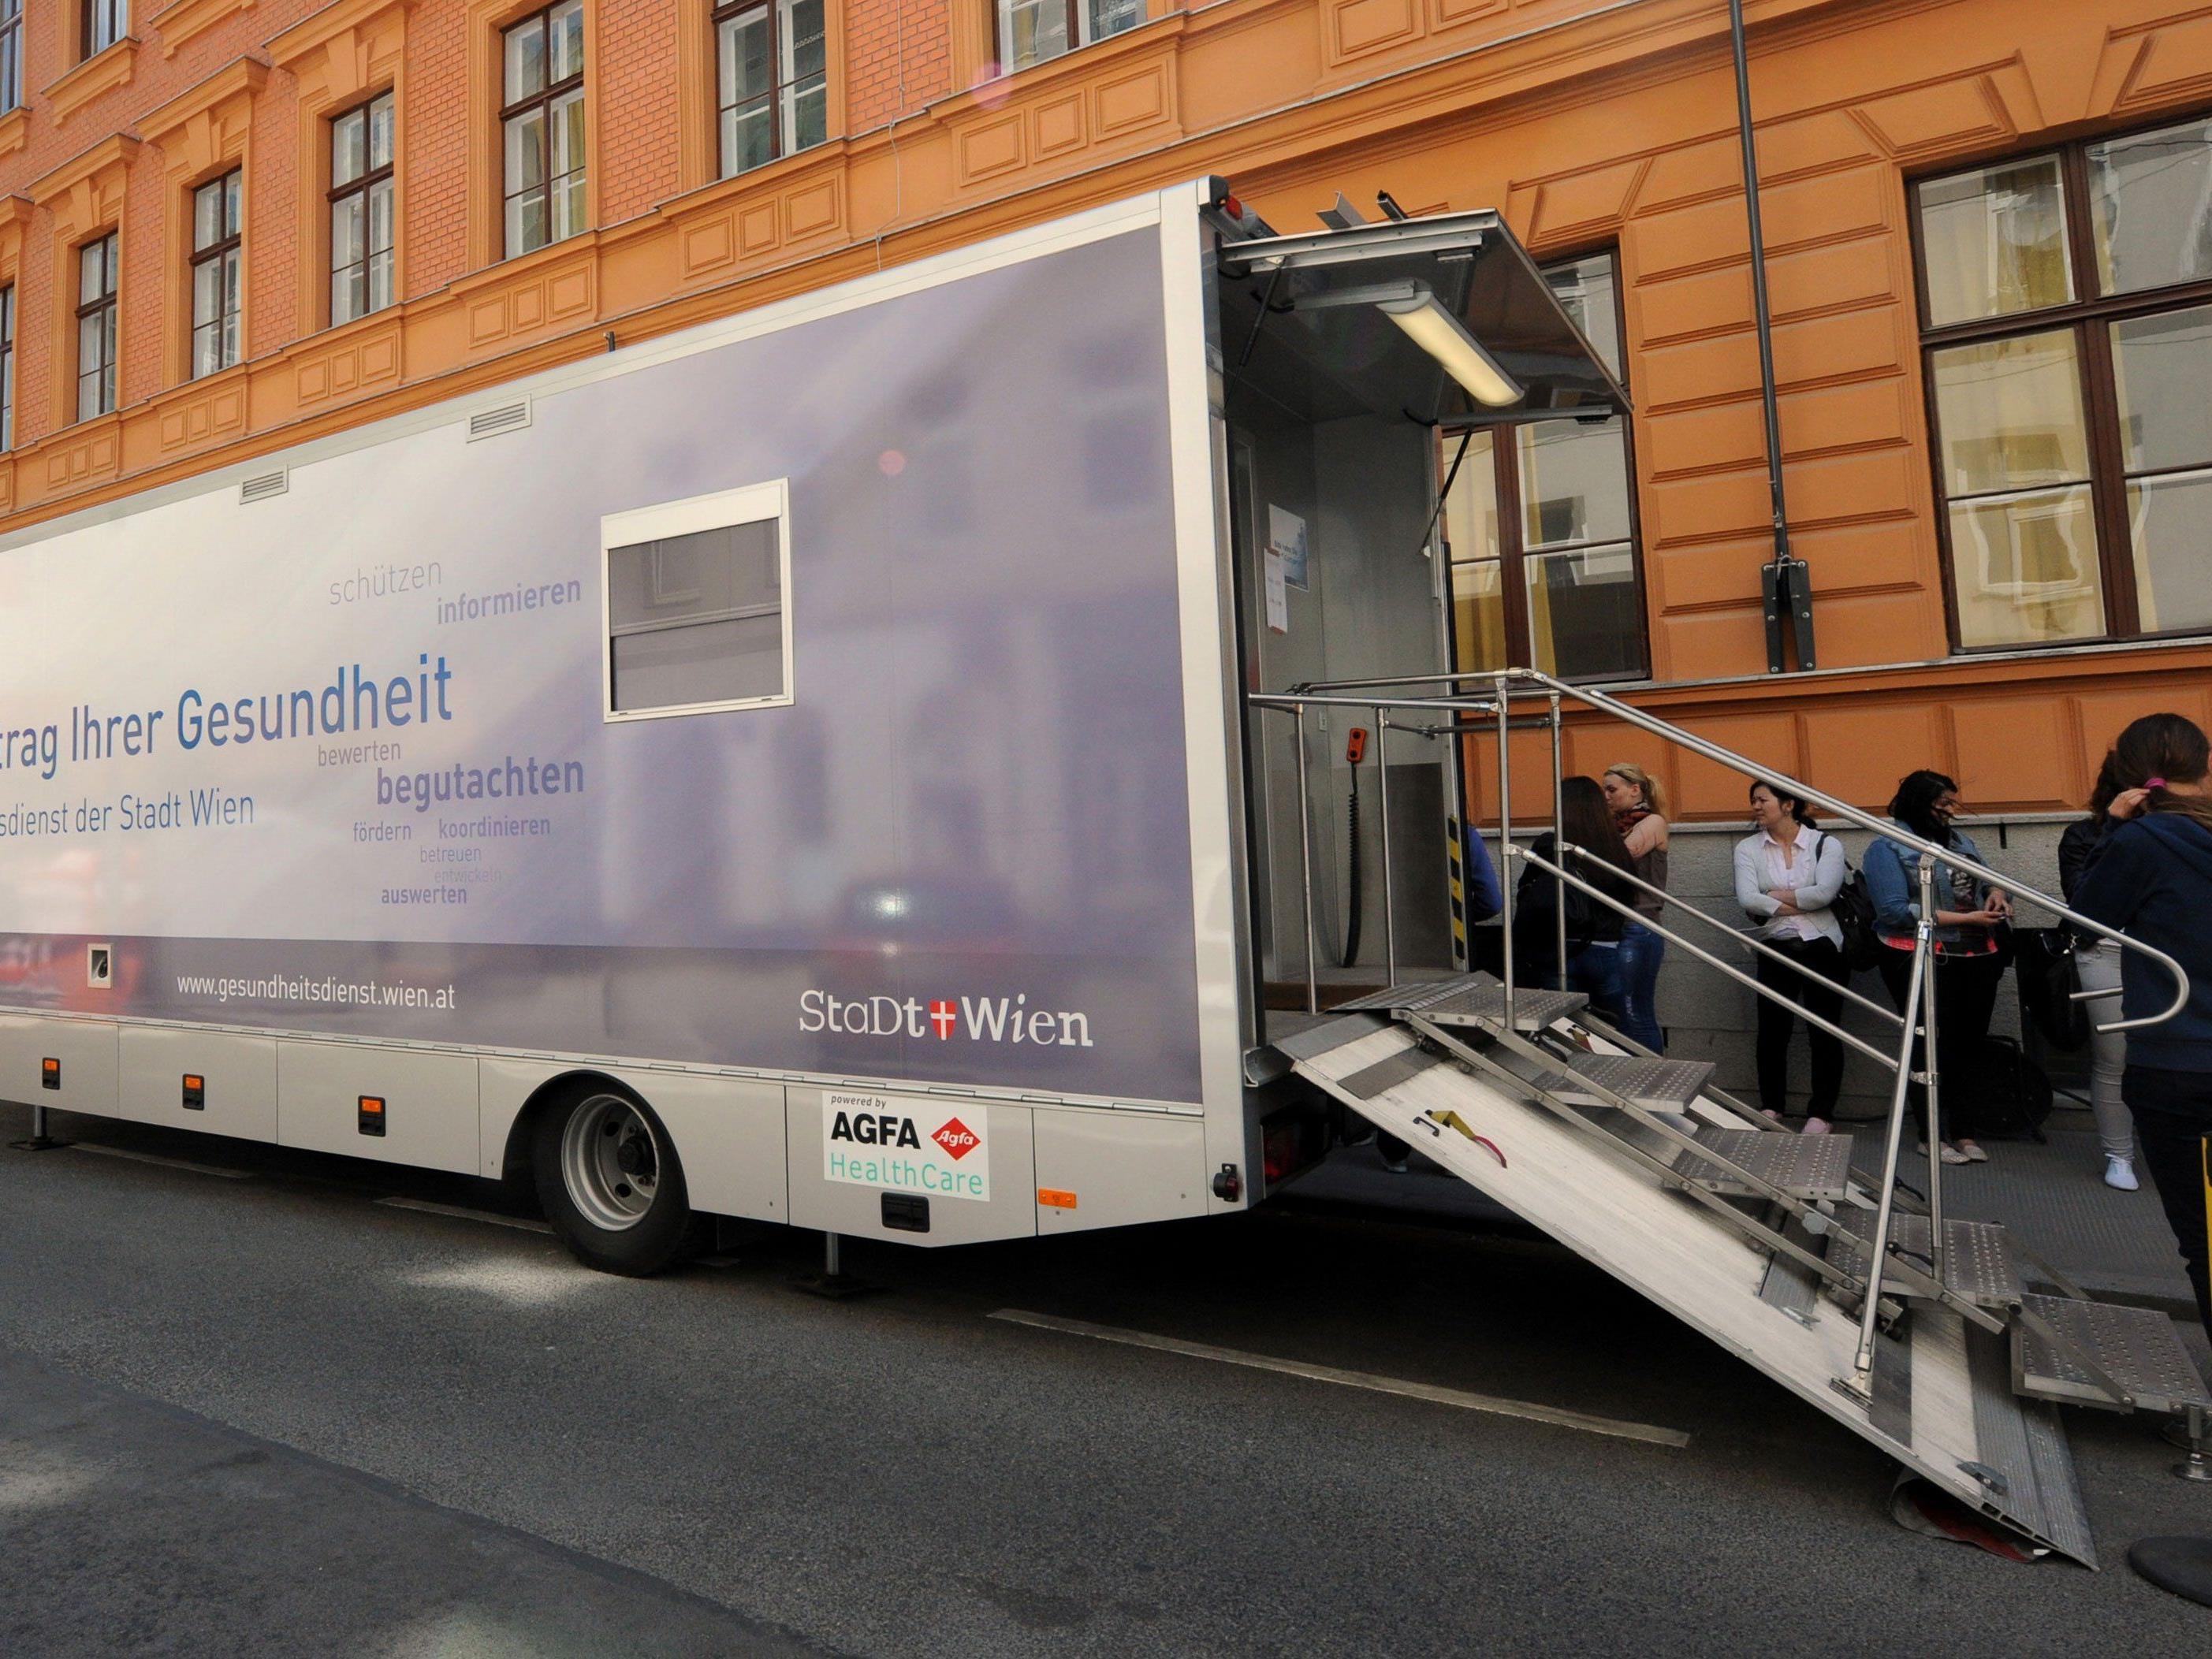 So sehen die Röntgenbusse aus, mit denen vor Ort untersucht werden kann.